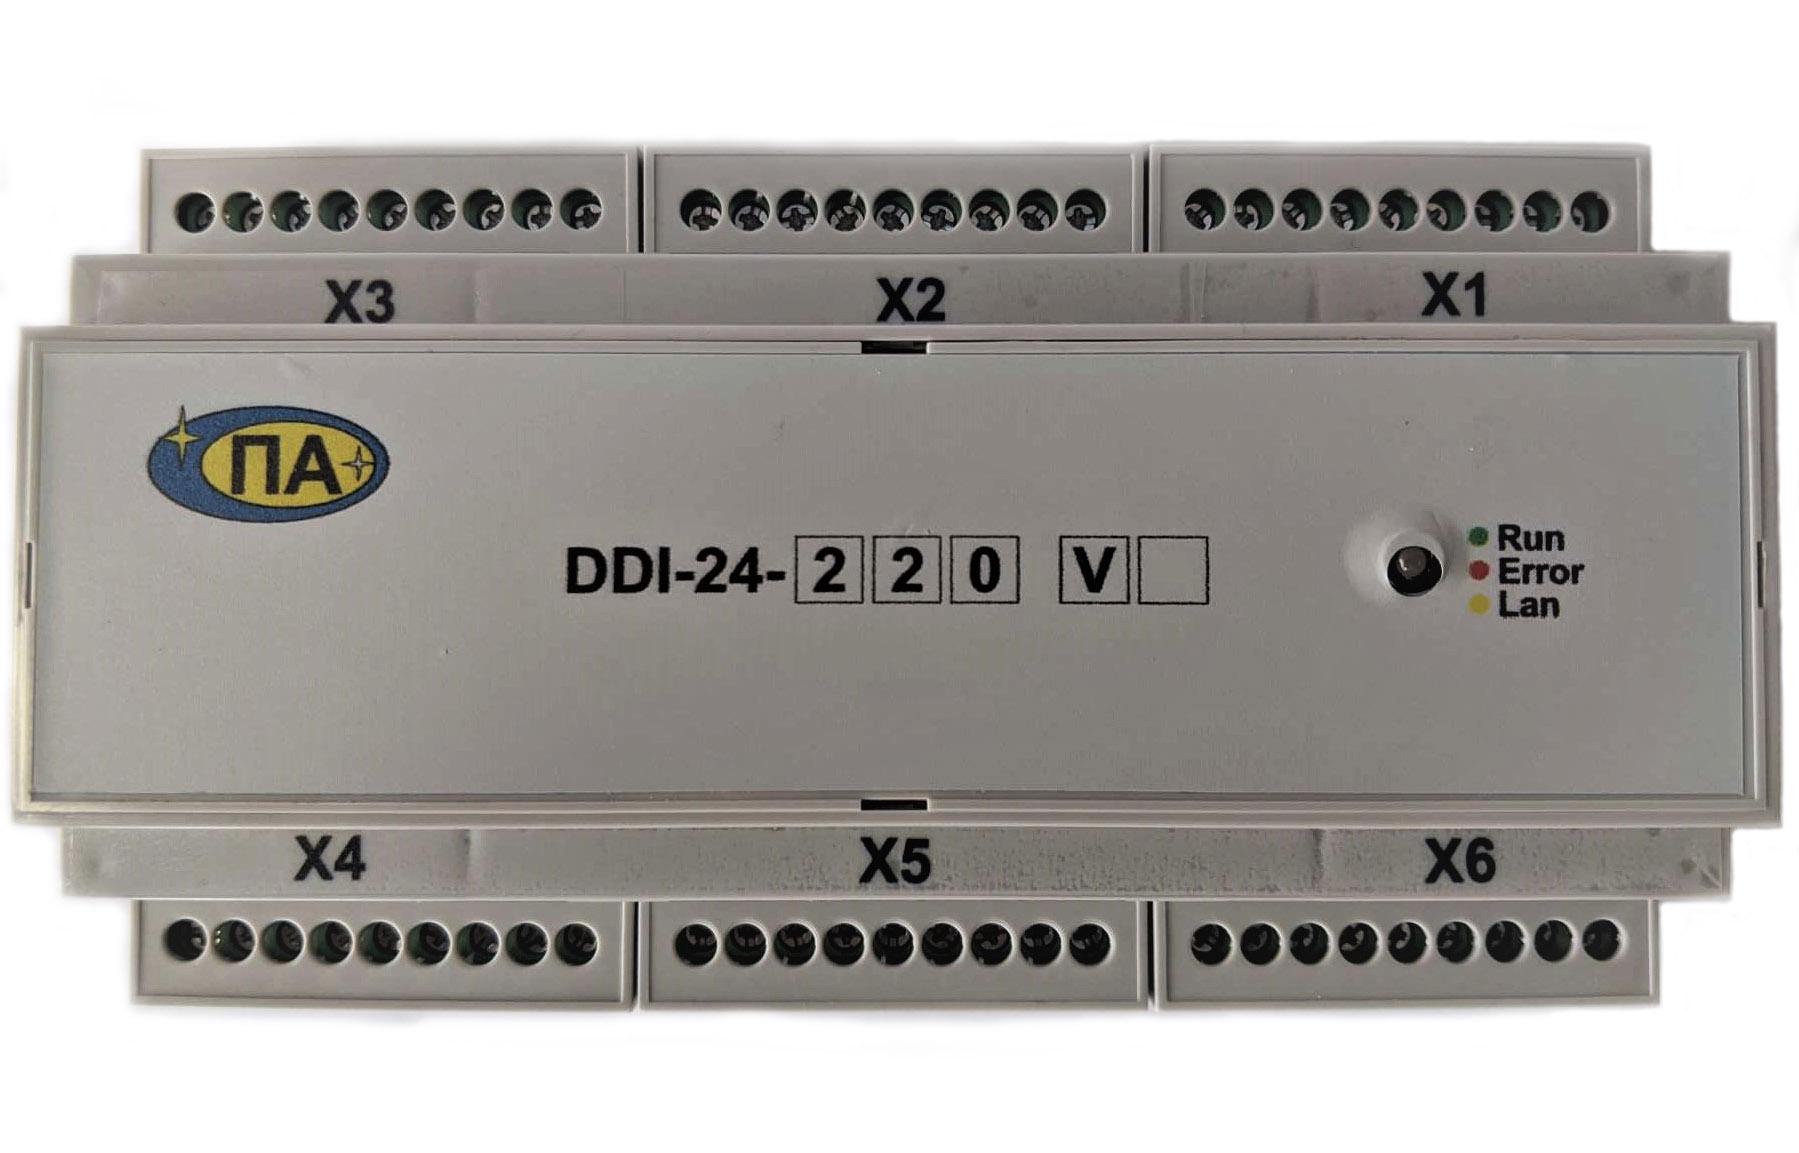 Пристрій DDI-24 – 220V АИАР.426449.001